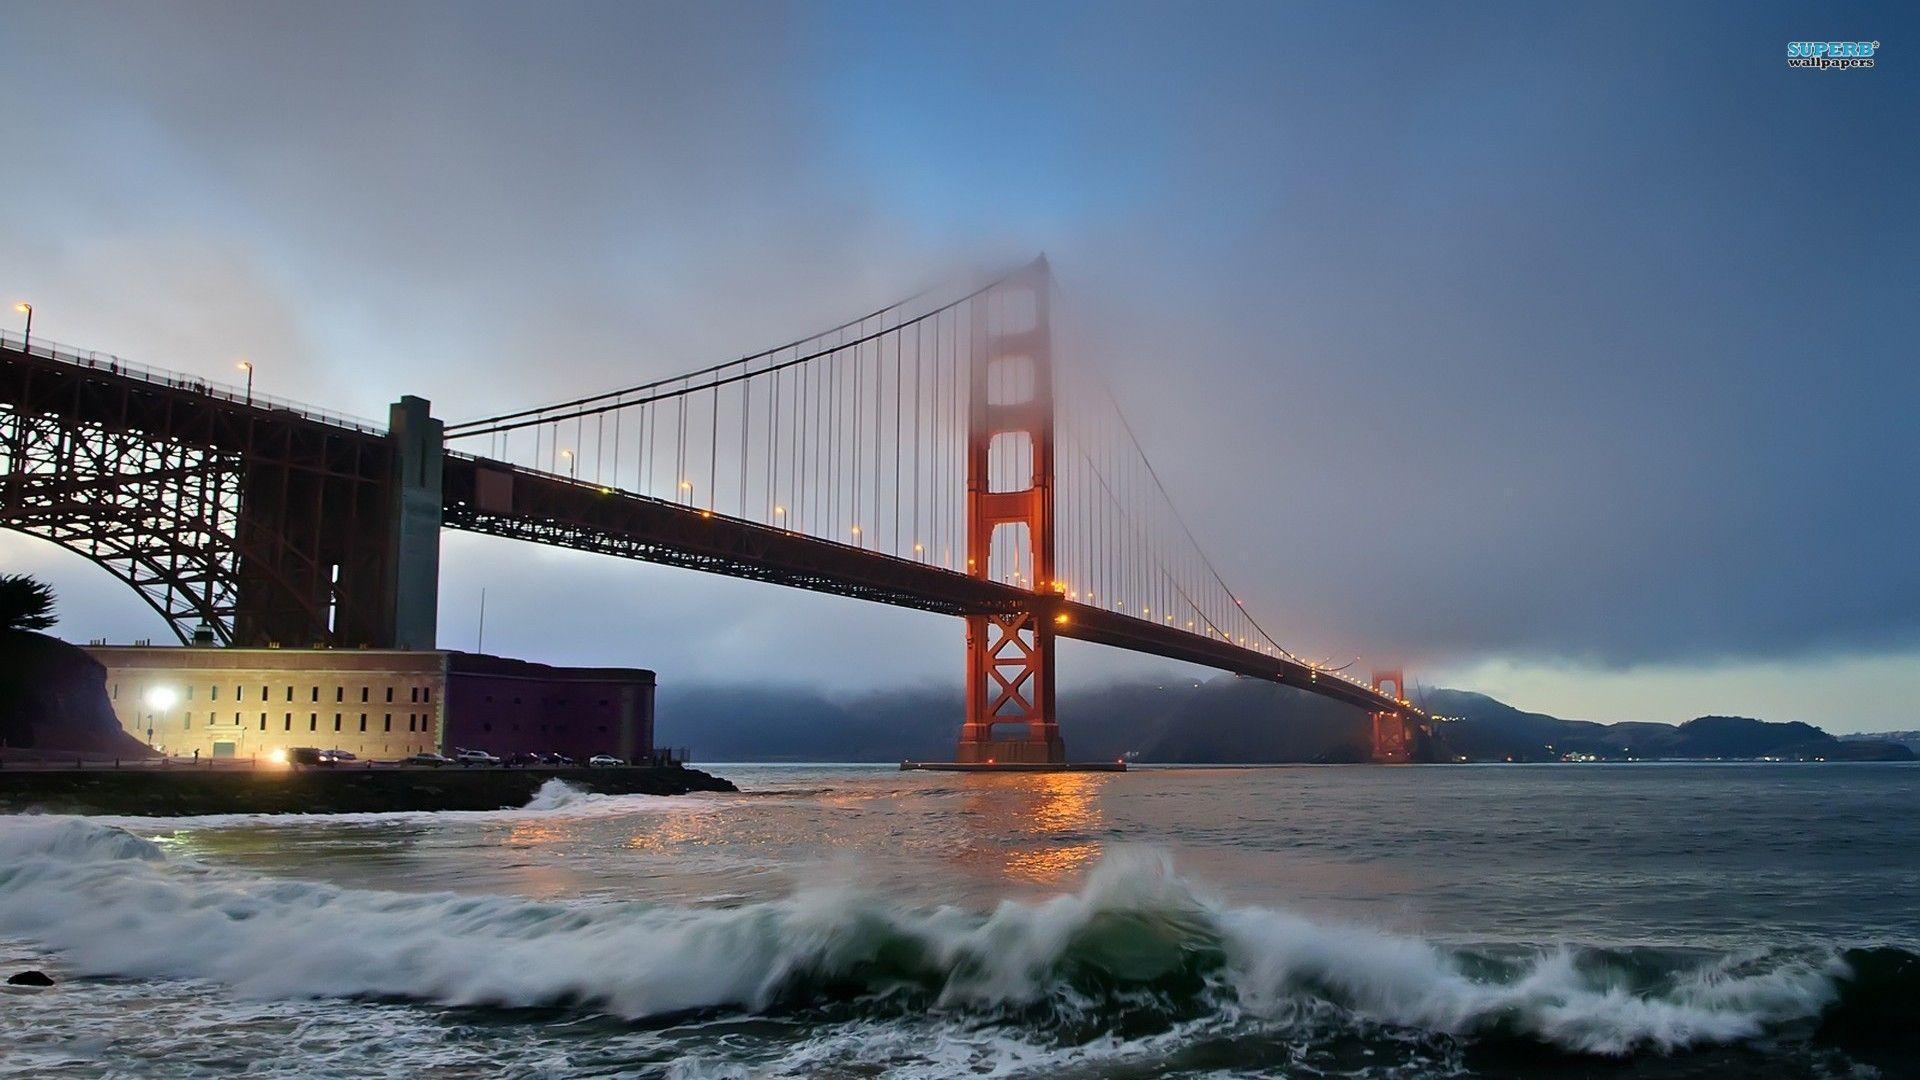 Golden Gate Bridge wallpaper - World wallpapers - #